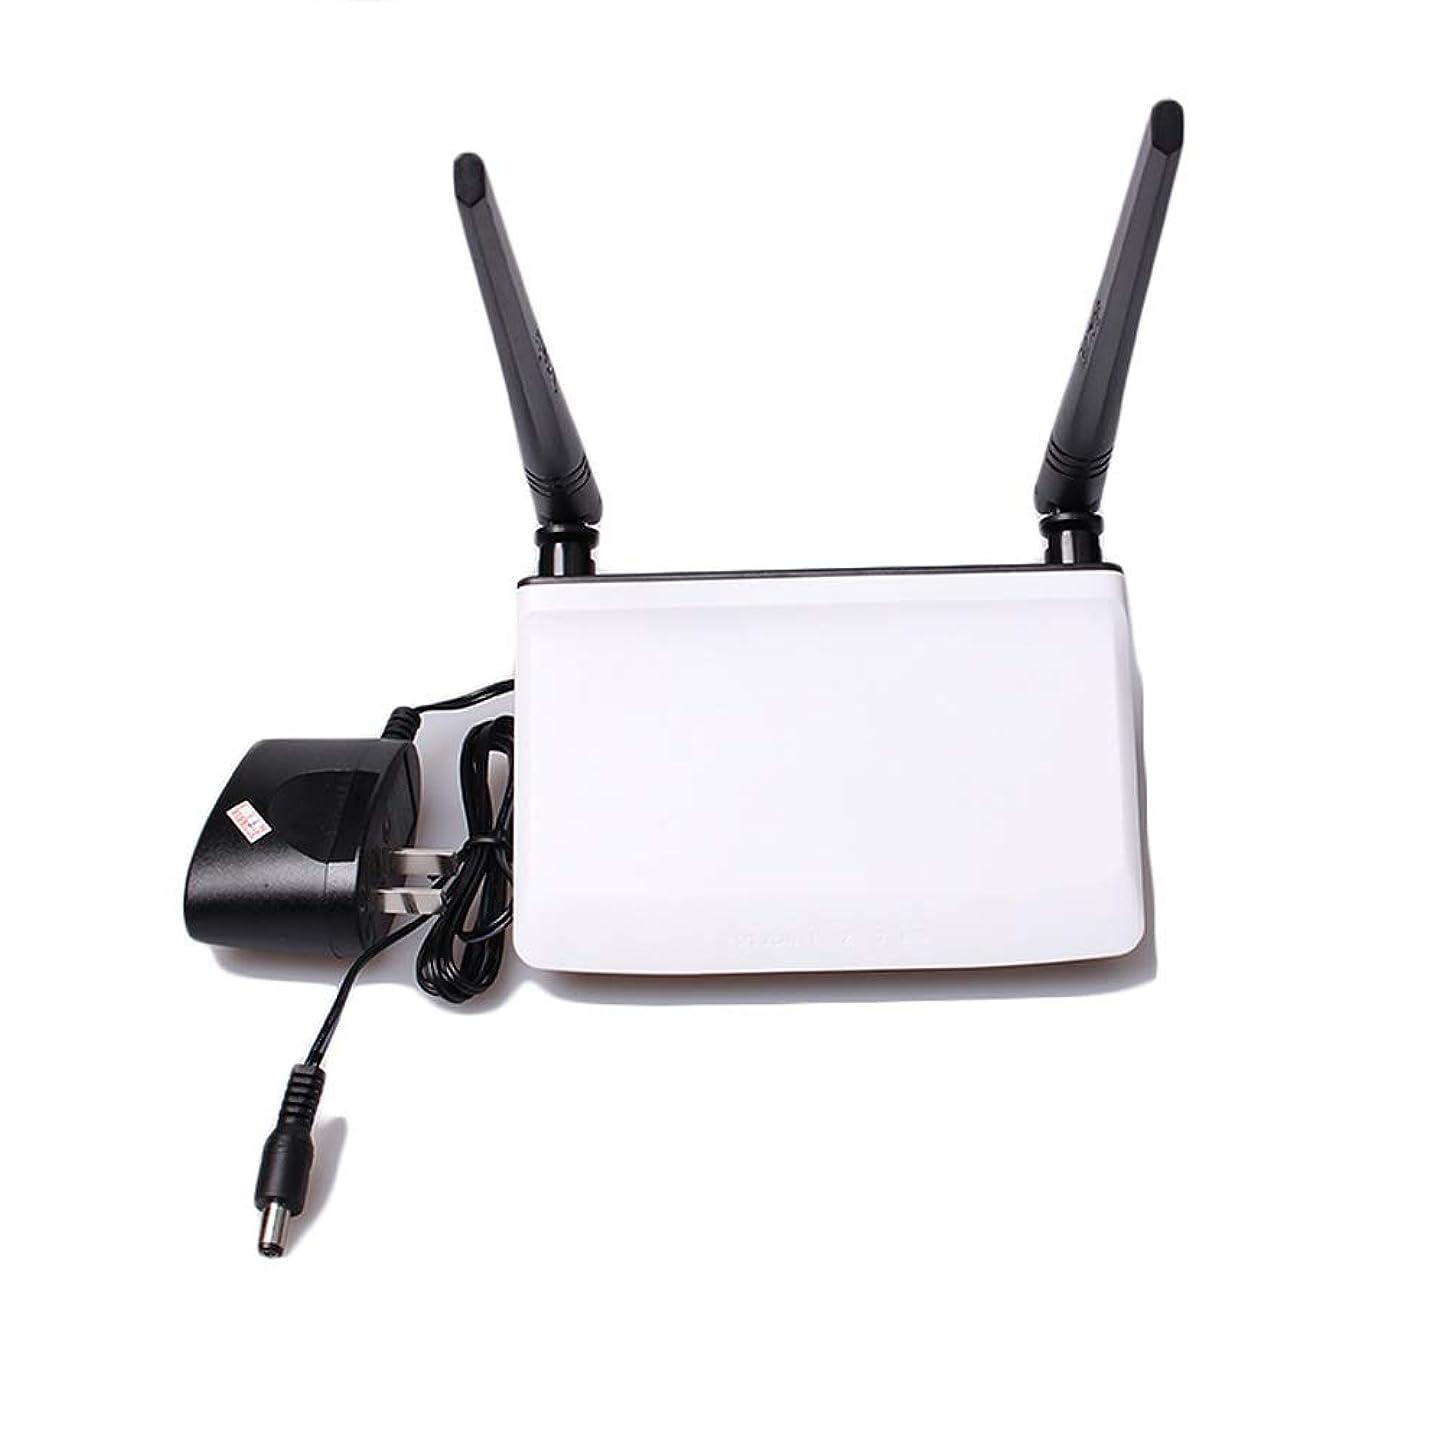 保存ラジカルエッセイ無線LANルータ300Mbpsの無線LANリピータブースターエクステンダー802.11 B/G/N RJ45 4つのポート (Color : White, サイズ : Russian Firmware)